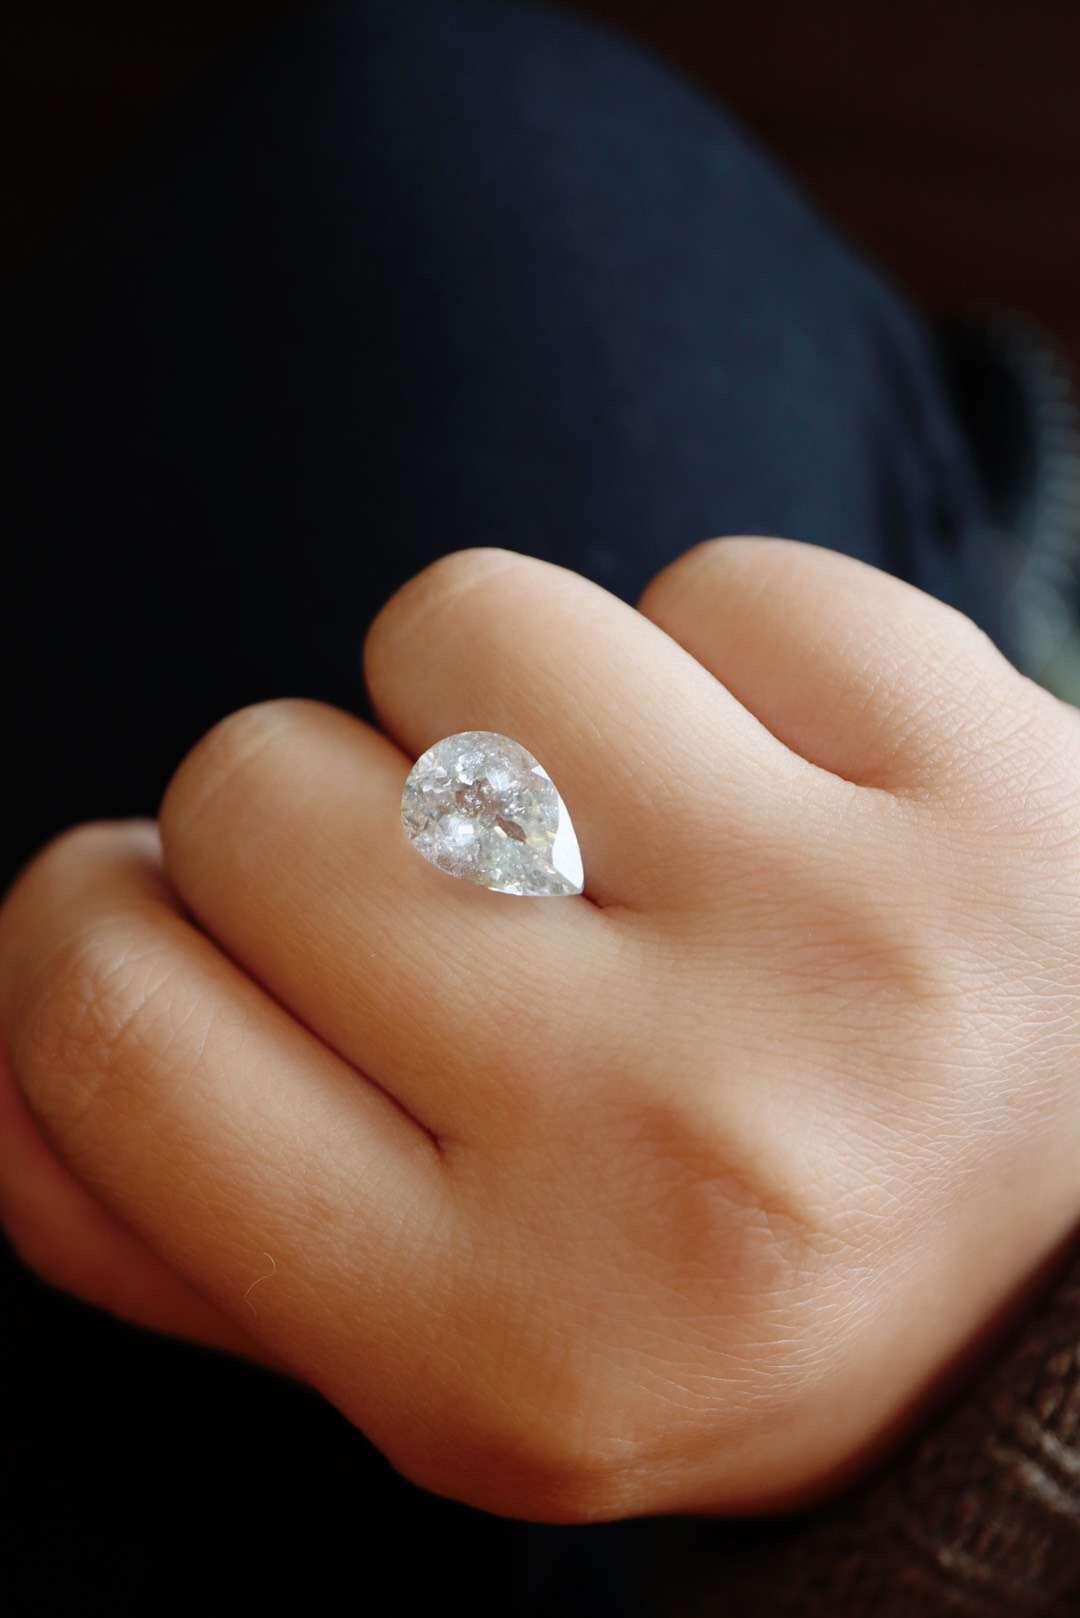 【白碧玺】一颗媲美钻石的白碧玺-菩心晶舍